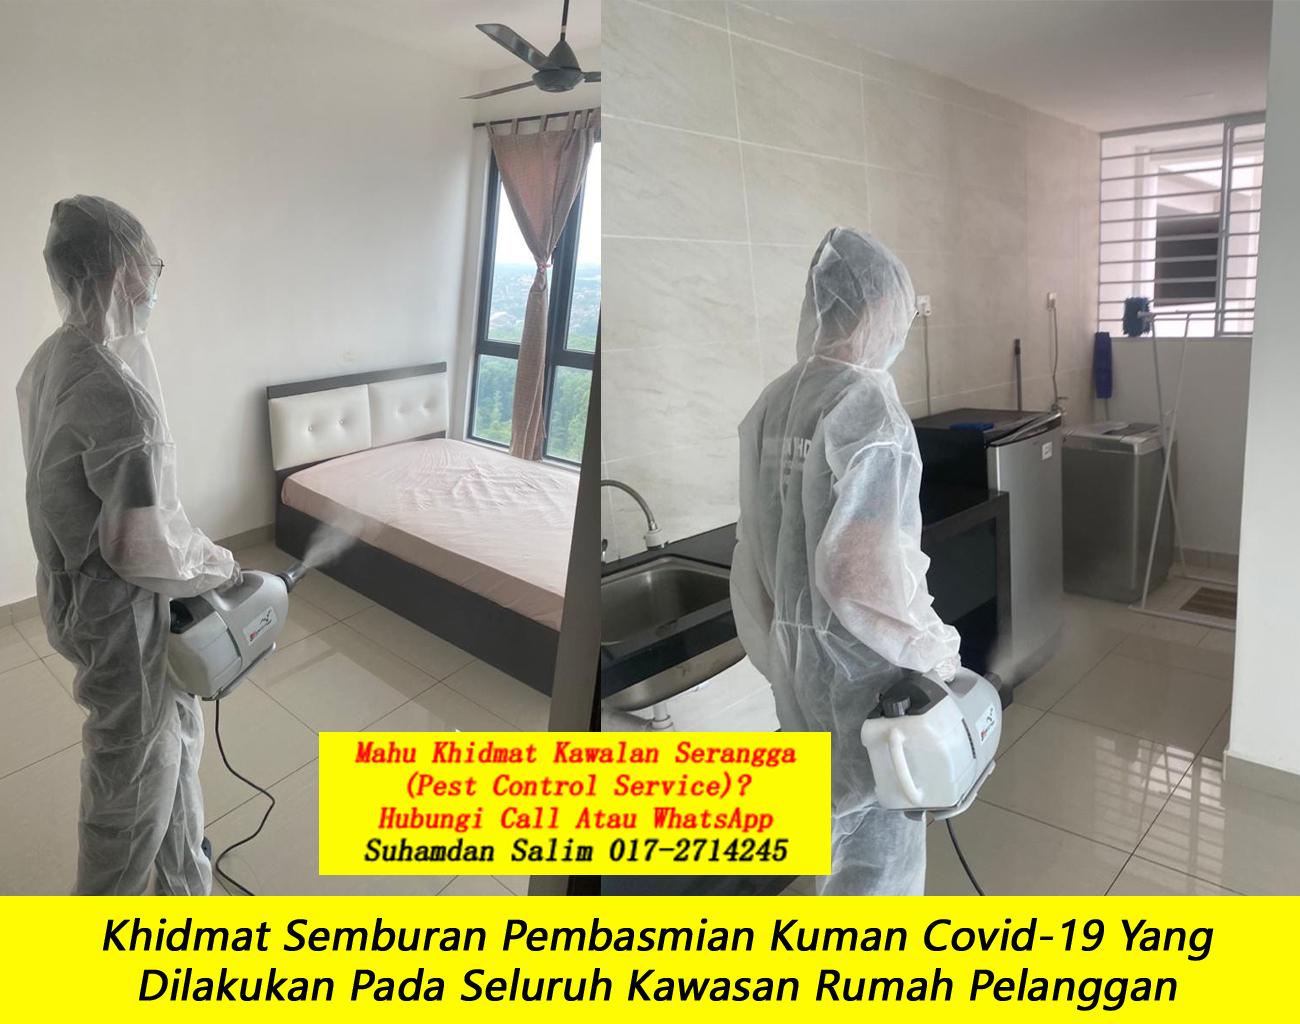 khidmat sanitizing membasmi kuman Covid-19 Disinfection Service semburan sanitize covid 19 paling berkesan dengan harga berpatutan the best service covid-19 Bukit Tunku kl